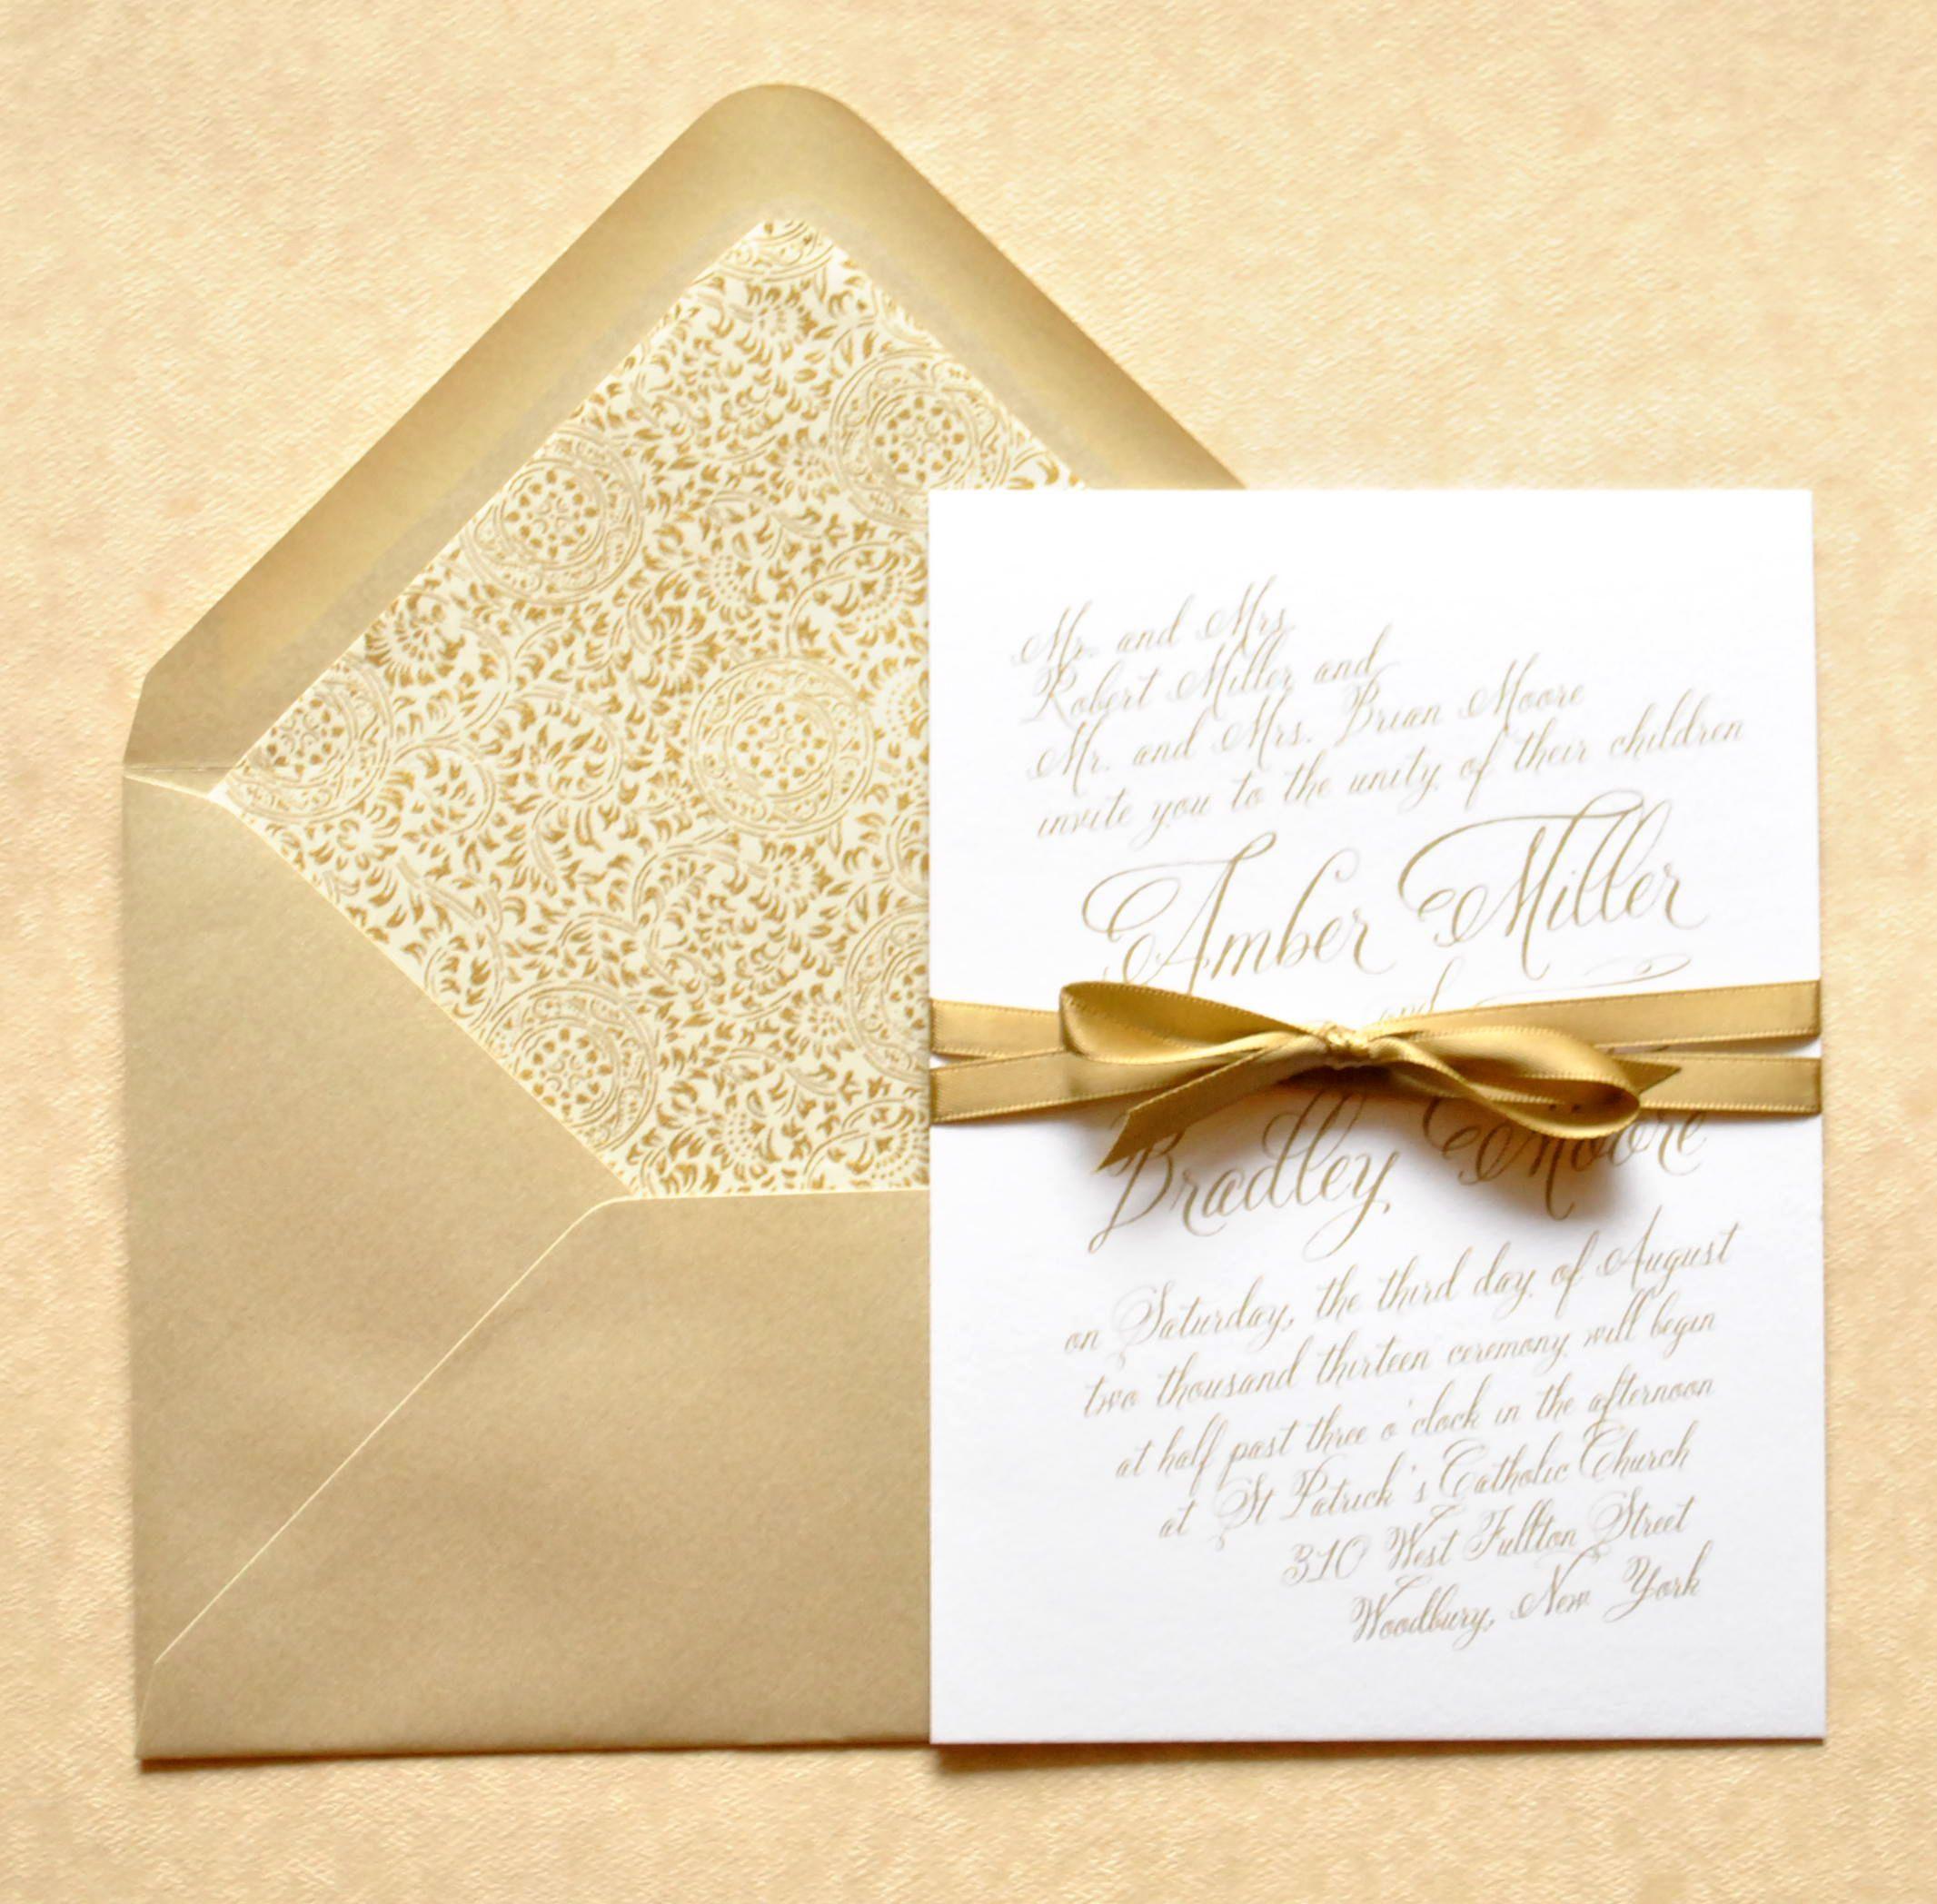 Gold Wedding Invitations: Gold Wedding Invitations, Gold Calligraphy Wedding